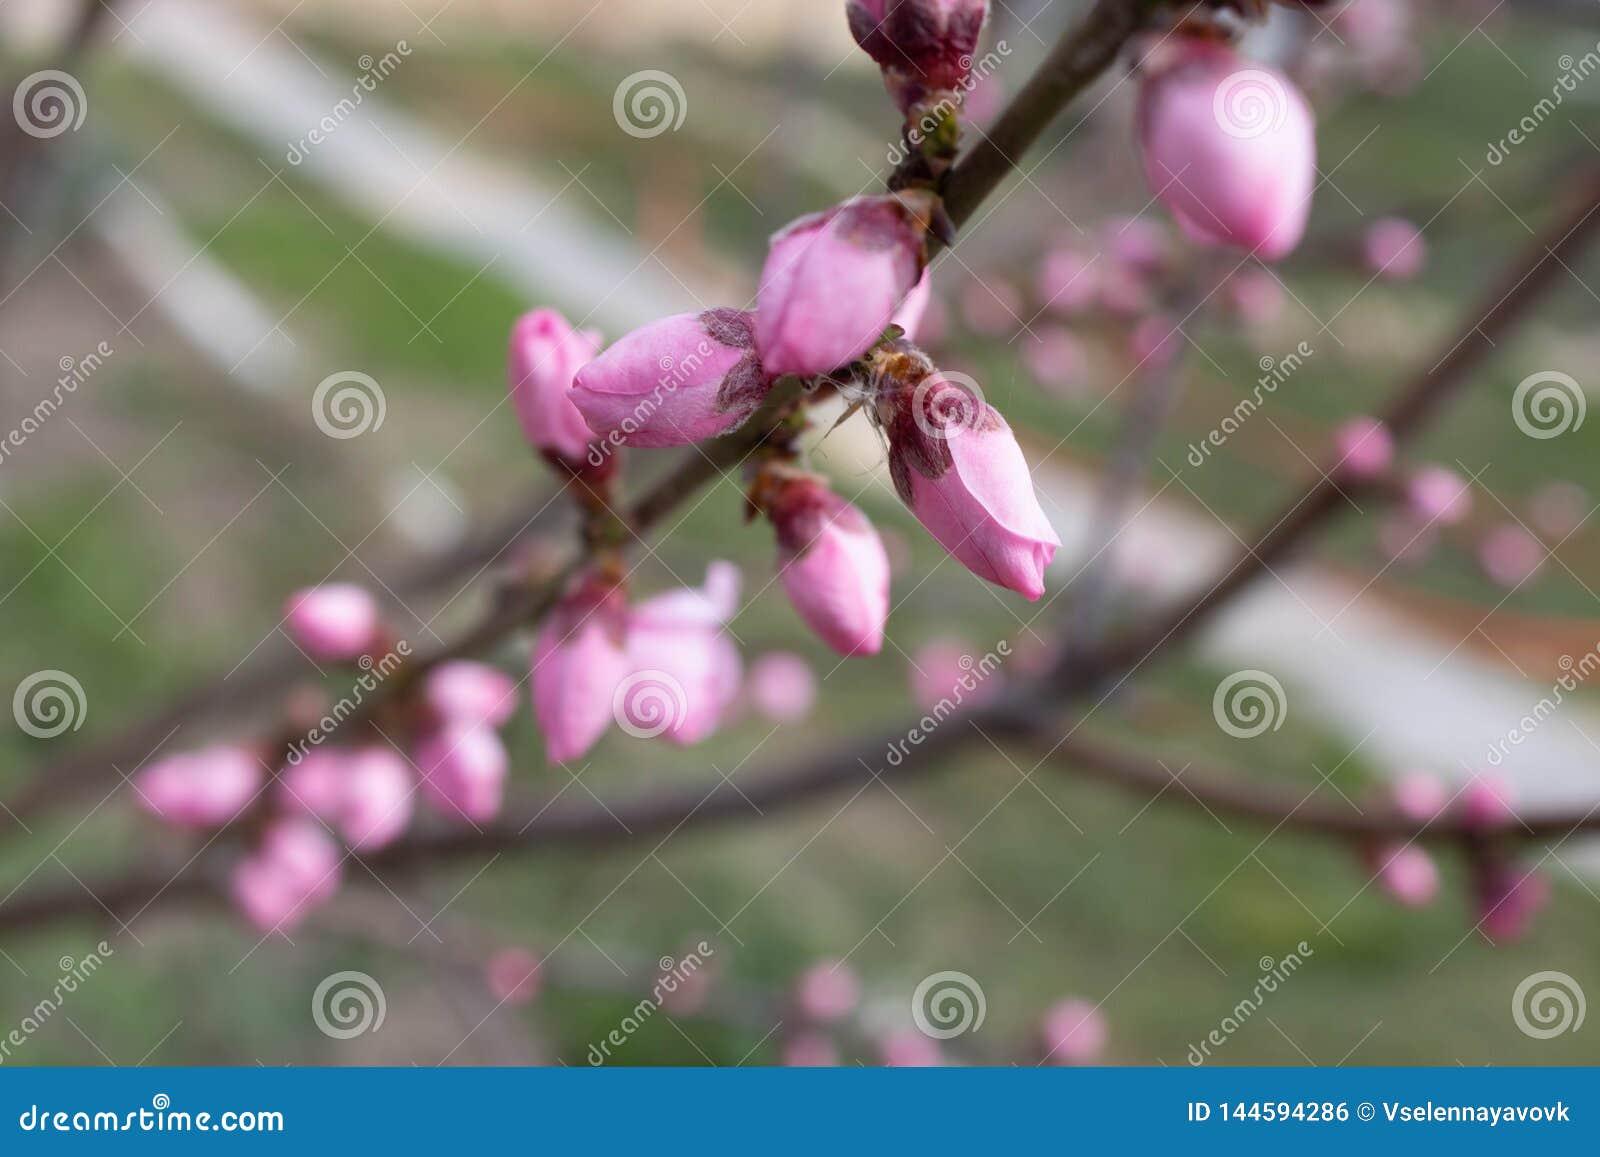 Immagine vaga di un fiore rosa delicato del pesco in primavera La primavera fiorisce la serie, sbocciare della pesca